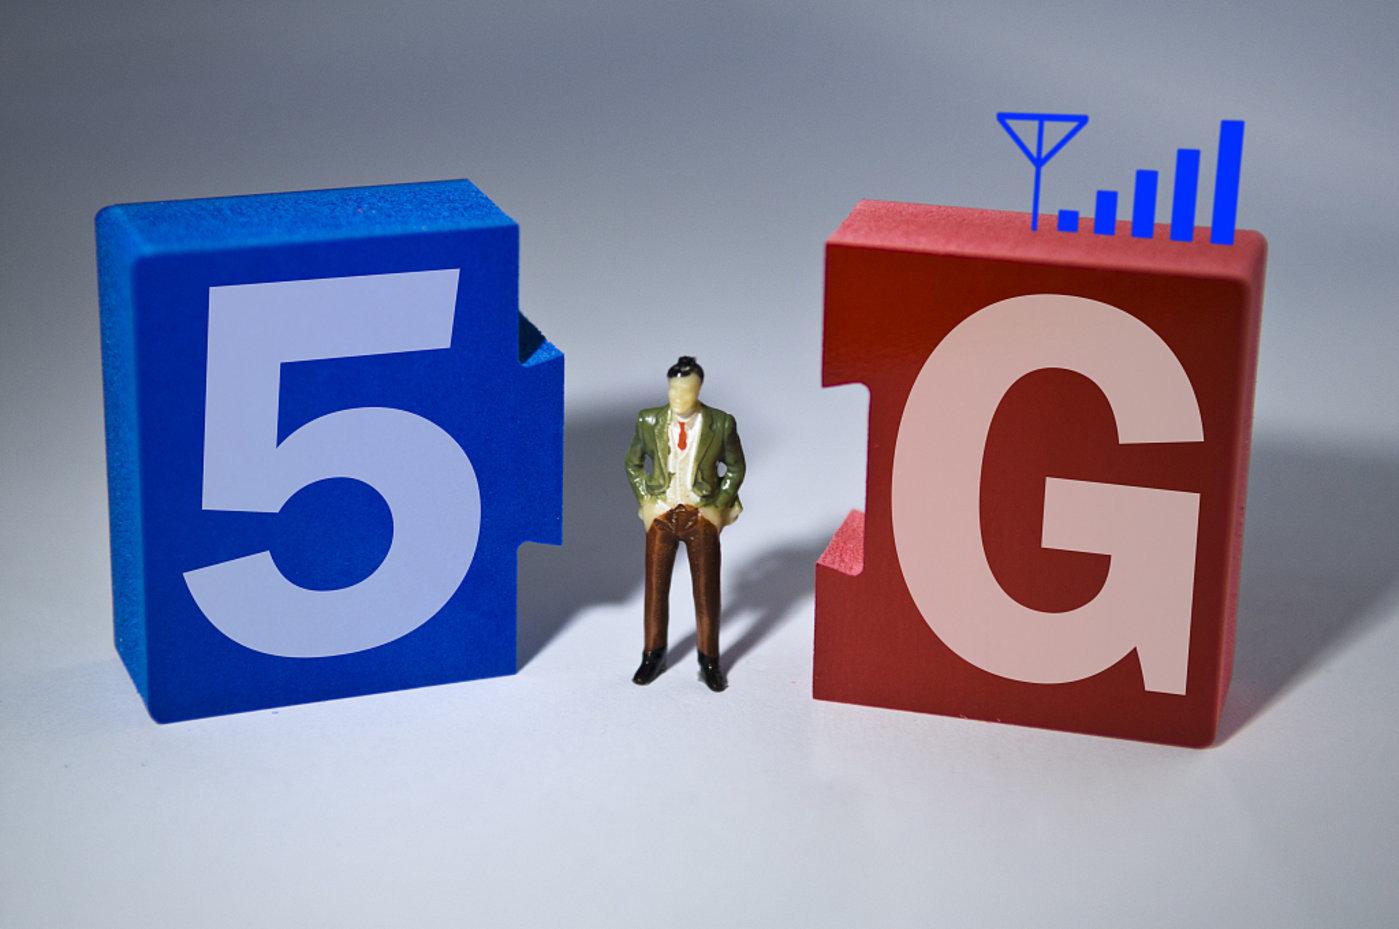 中国移动对外发布5G+战略,称5G流量单价不会高于4G丨钛快讯